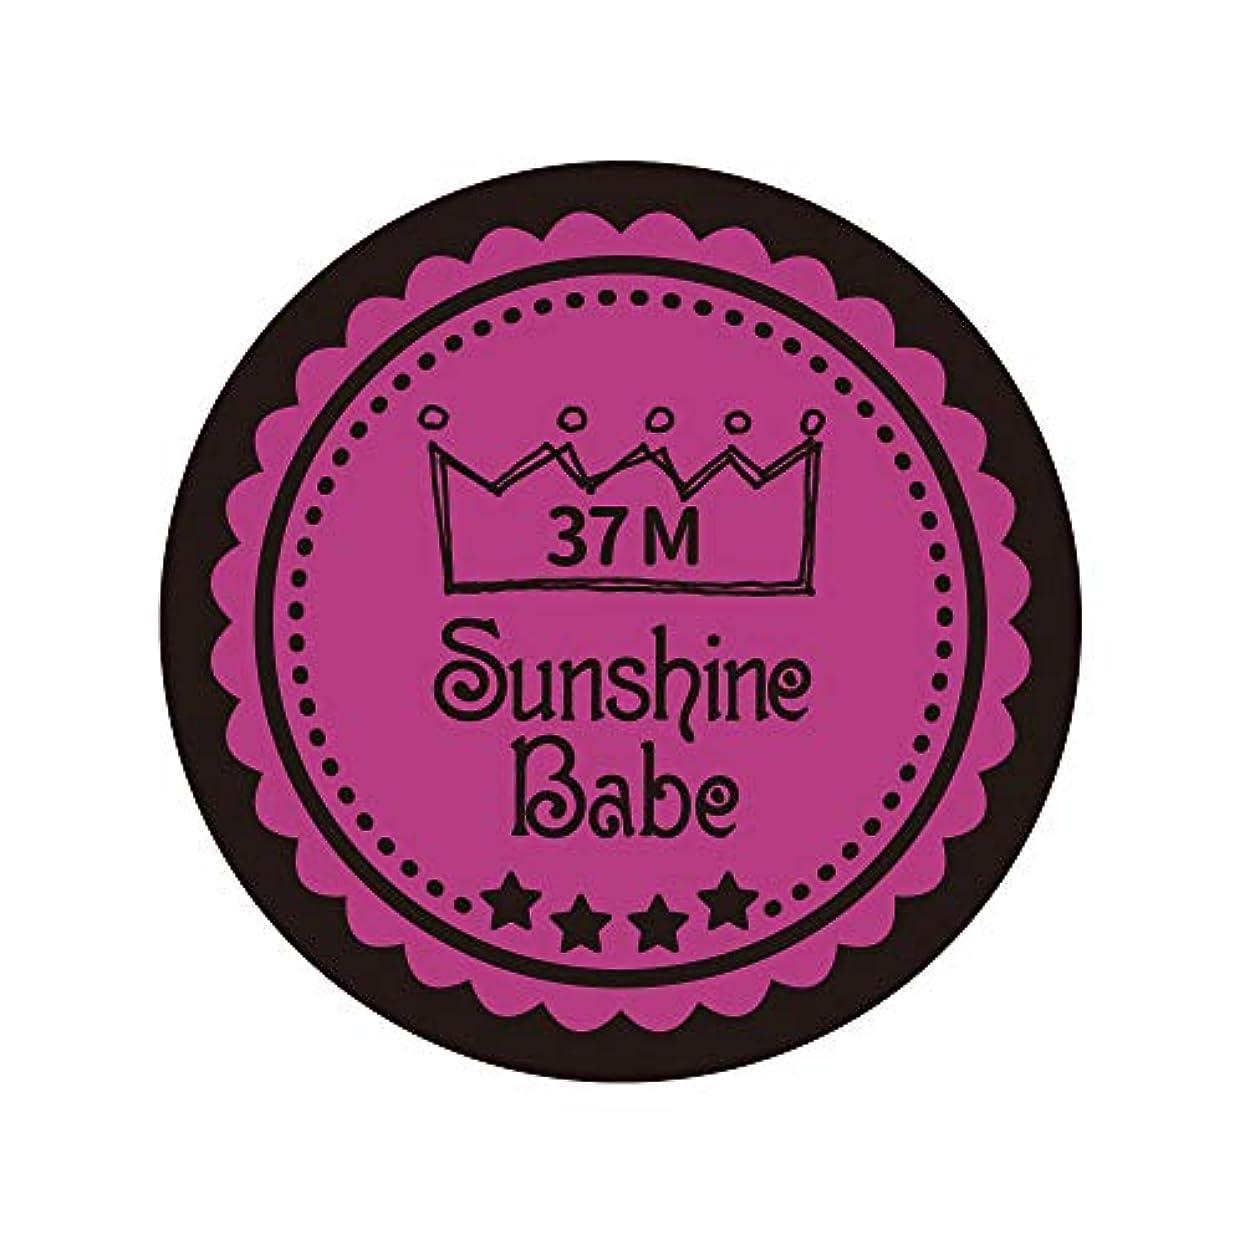 影響を受けやすいです合わせて危険なSunshine Babe カラージェル 37M フューシャピンク 2.7g UV/LED対応